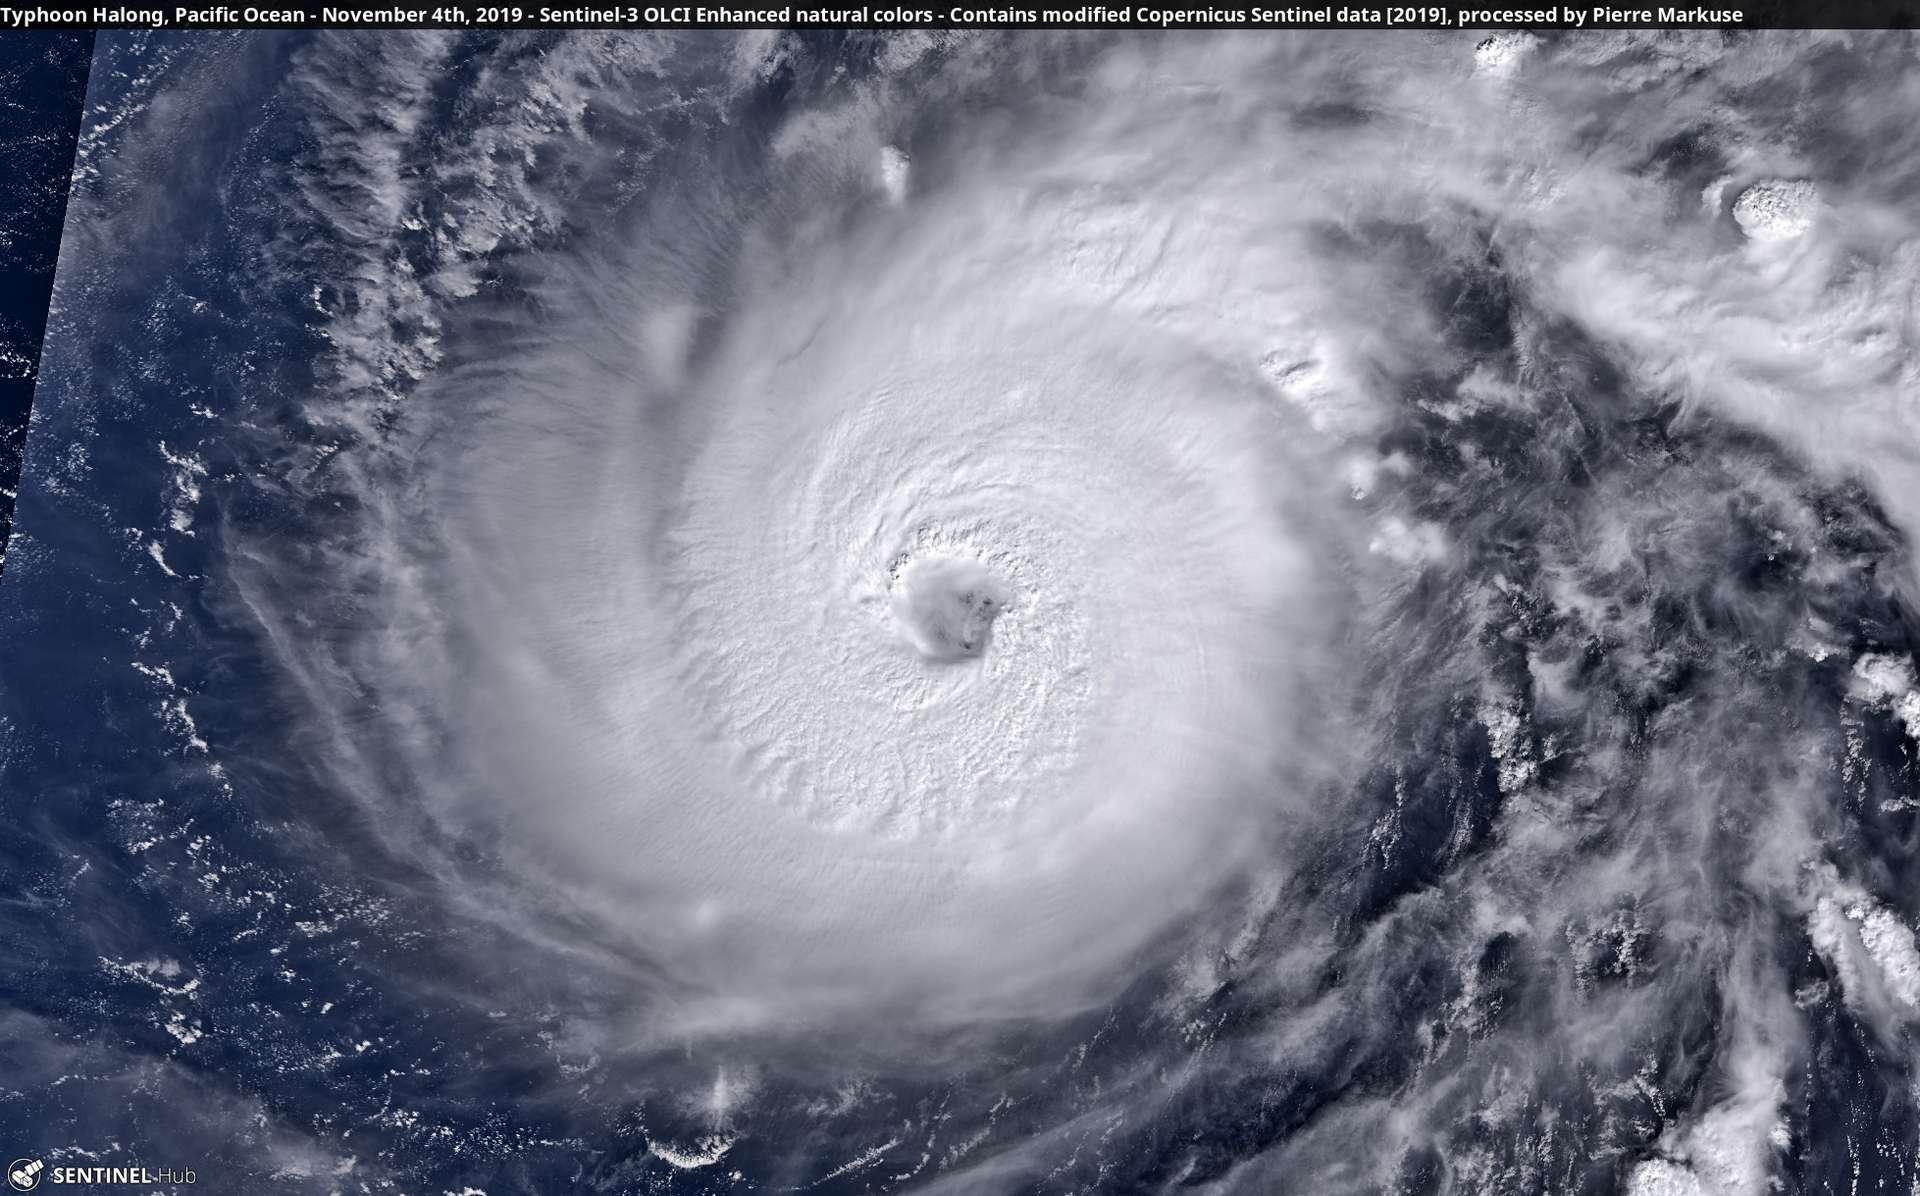 Le super-typhon Halong photographié par le satellite Copernicus Sentinel-1 au-dessus du Pacifique, le 4 novembre 2019. L'image a été retravaillée par Pierre Markuse © Copernicus Sentinel Data, Pierre Markuse